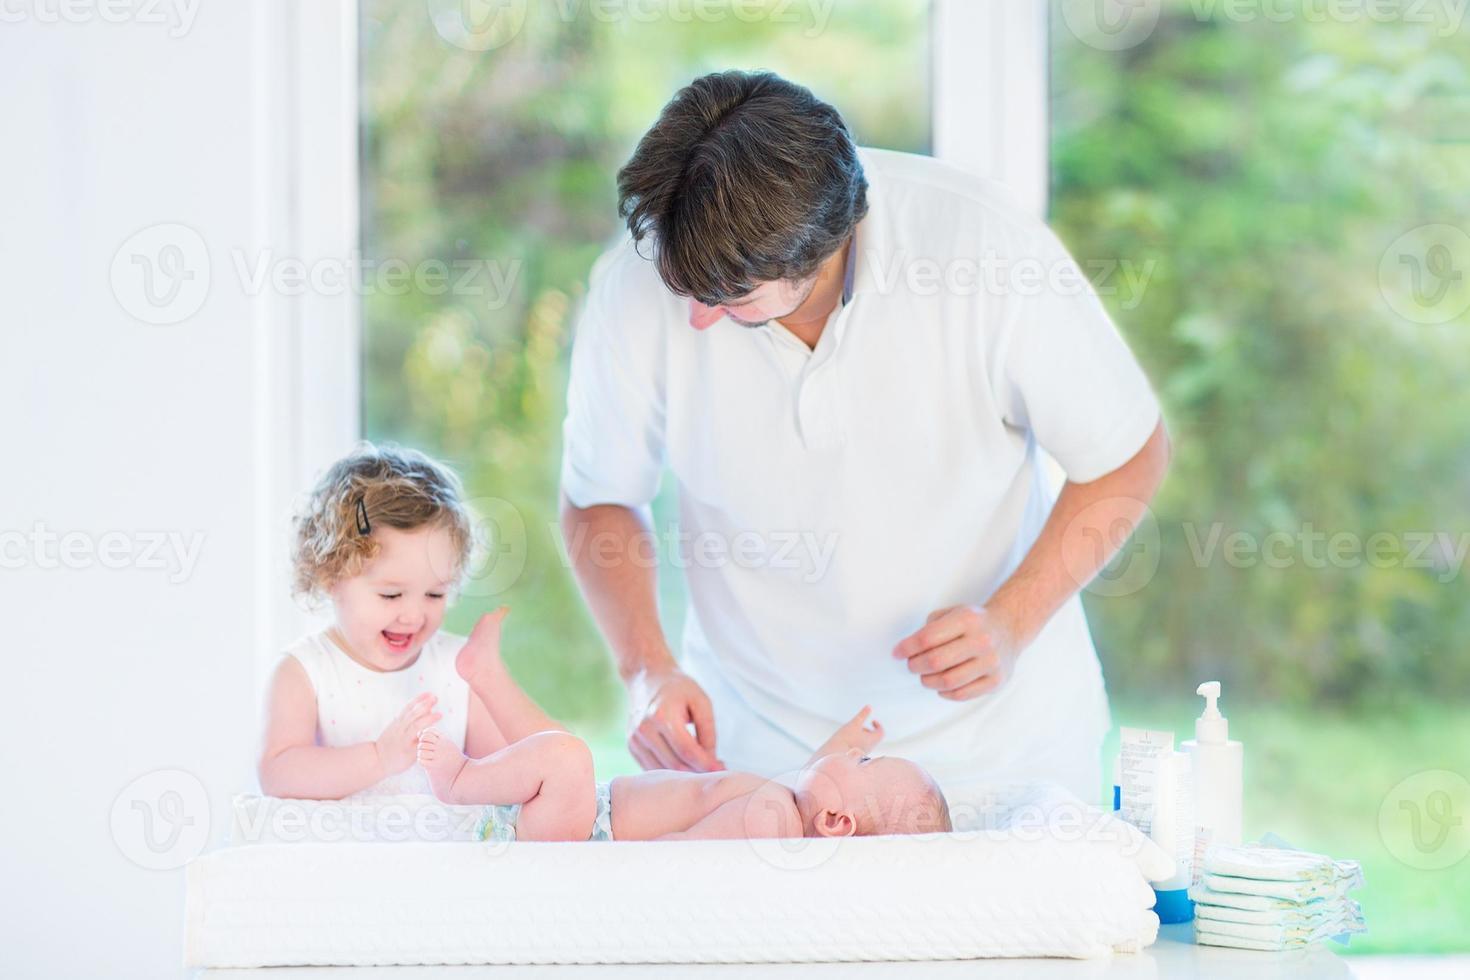 pasgeboren baby kijken naar zijn vader en zus luier verschonen foto